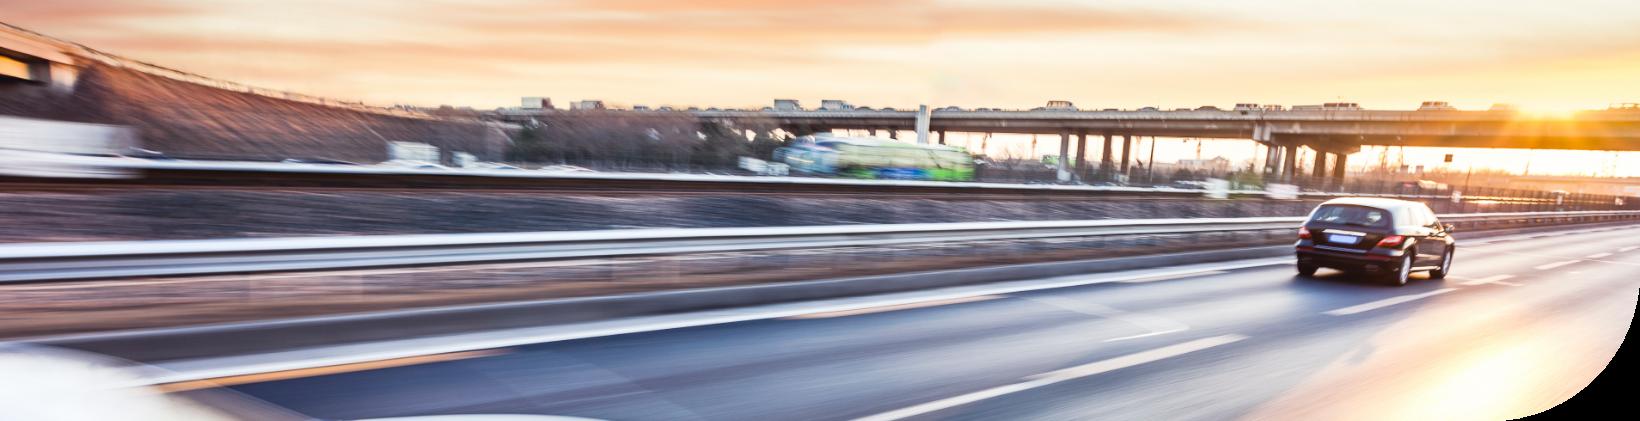 Vehicle on highway